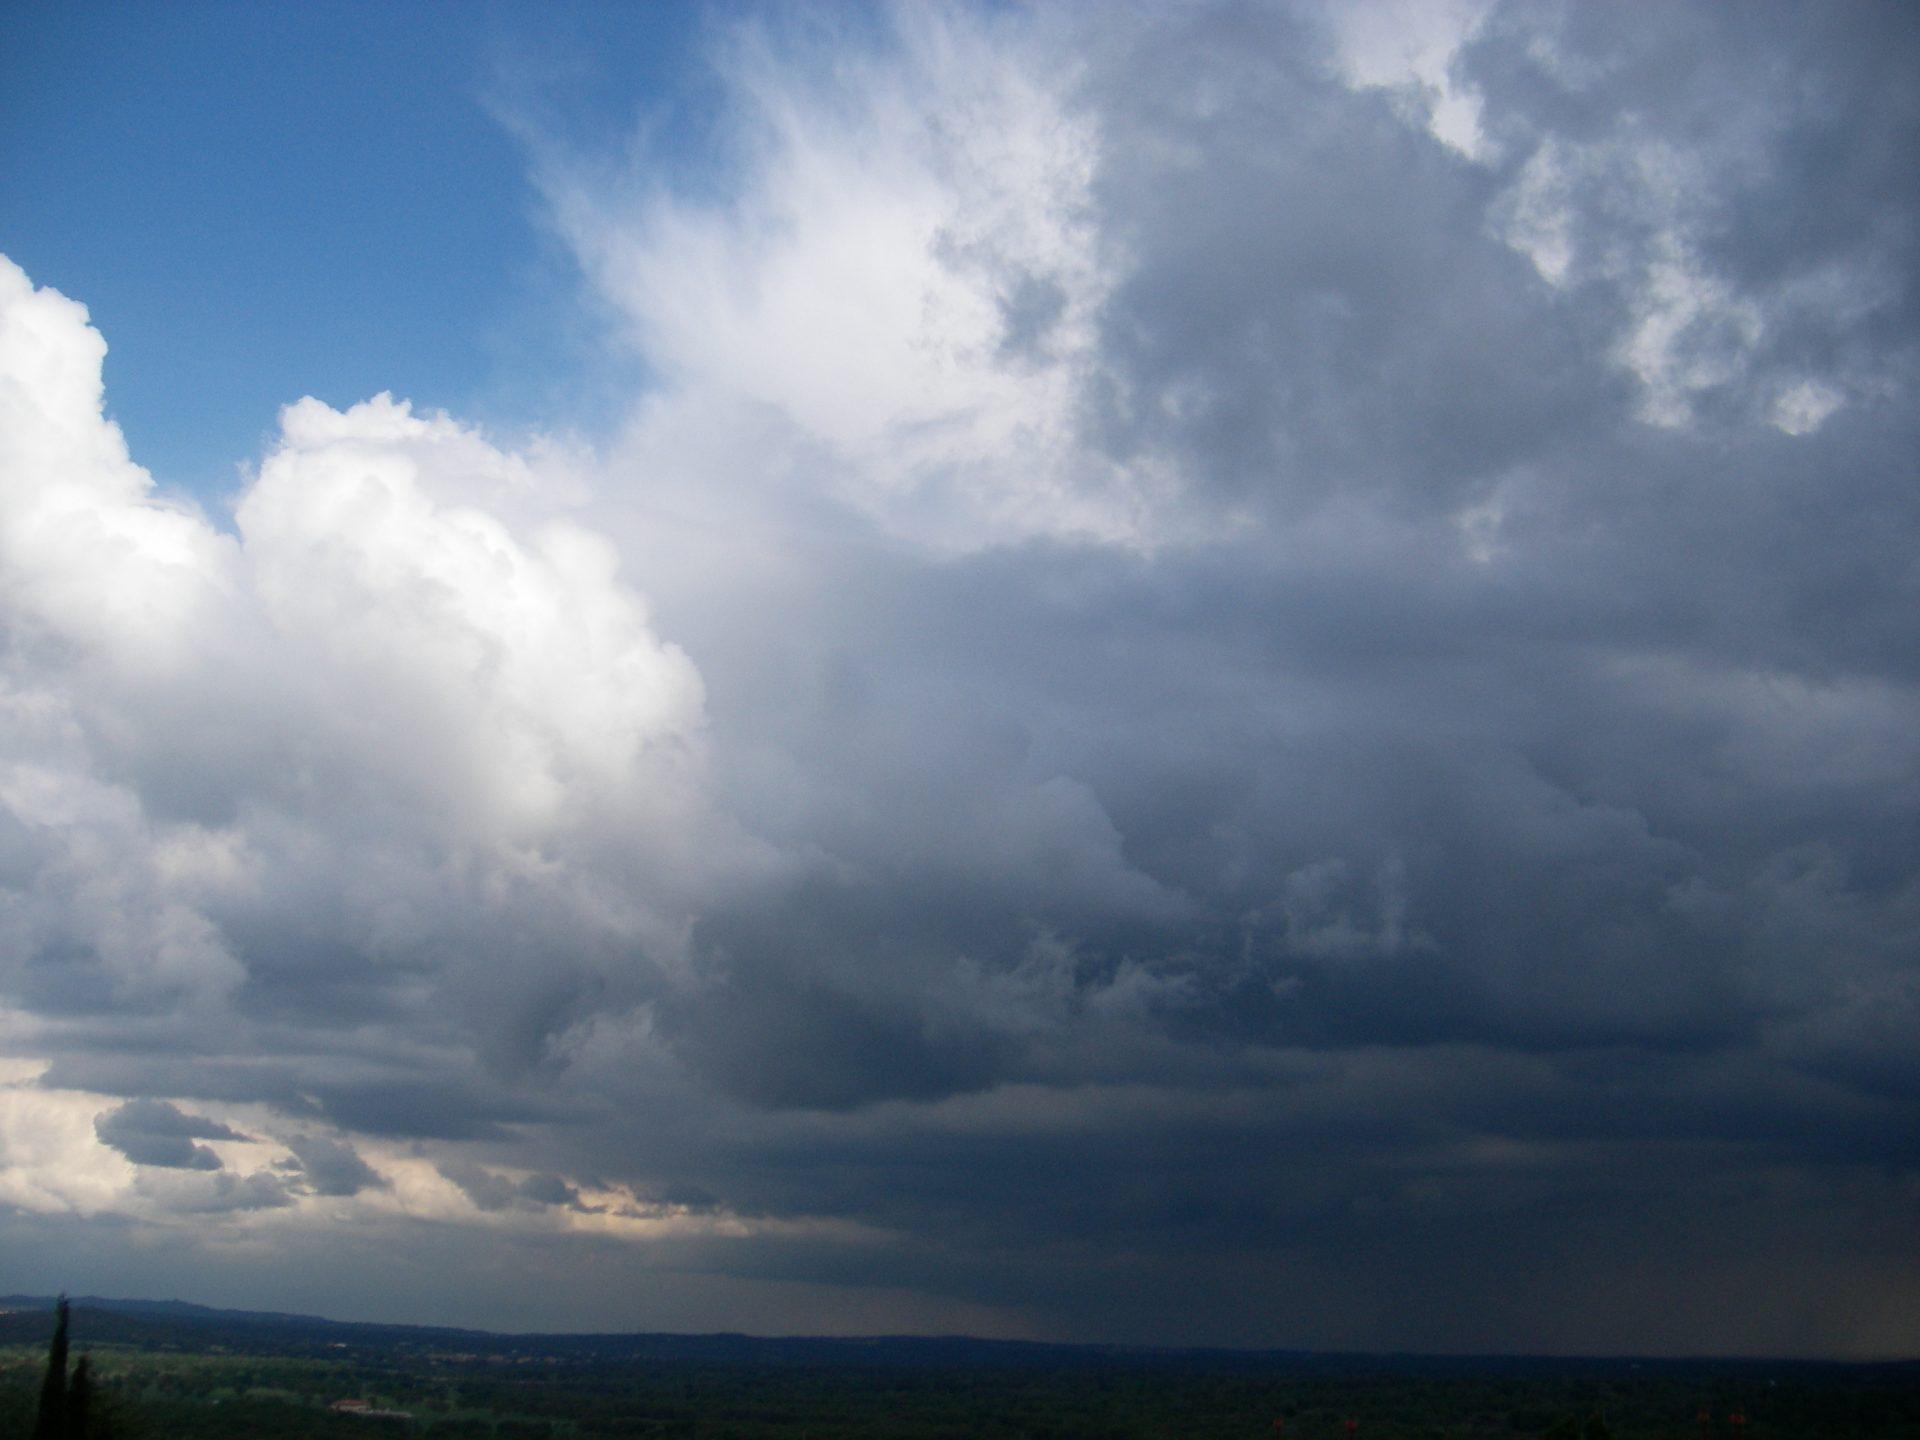 Lluvias y tormentas muy fuertes en las regiones mediterráneas. Tiempo inestable en otras zonas peninsulares. post thumbnail